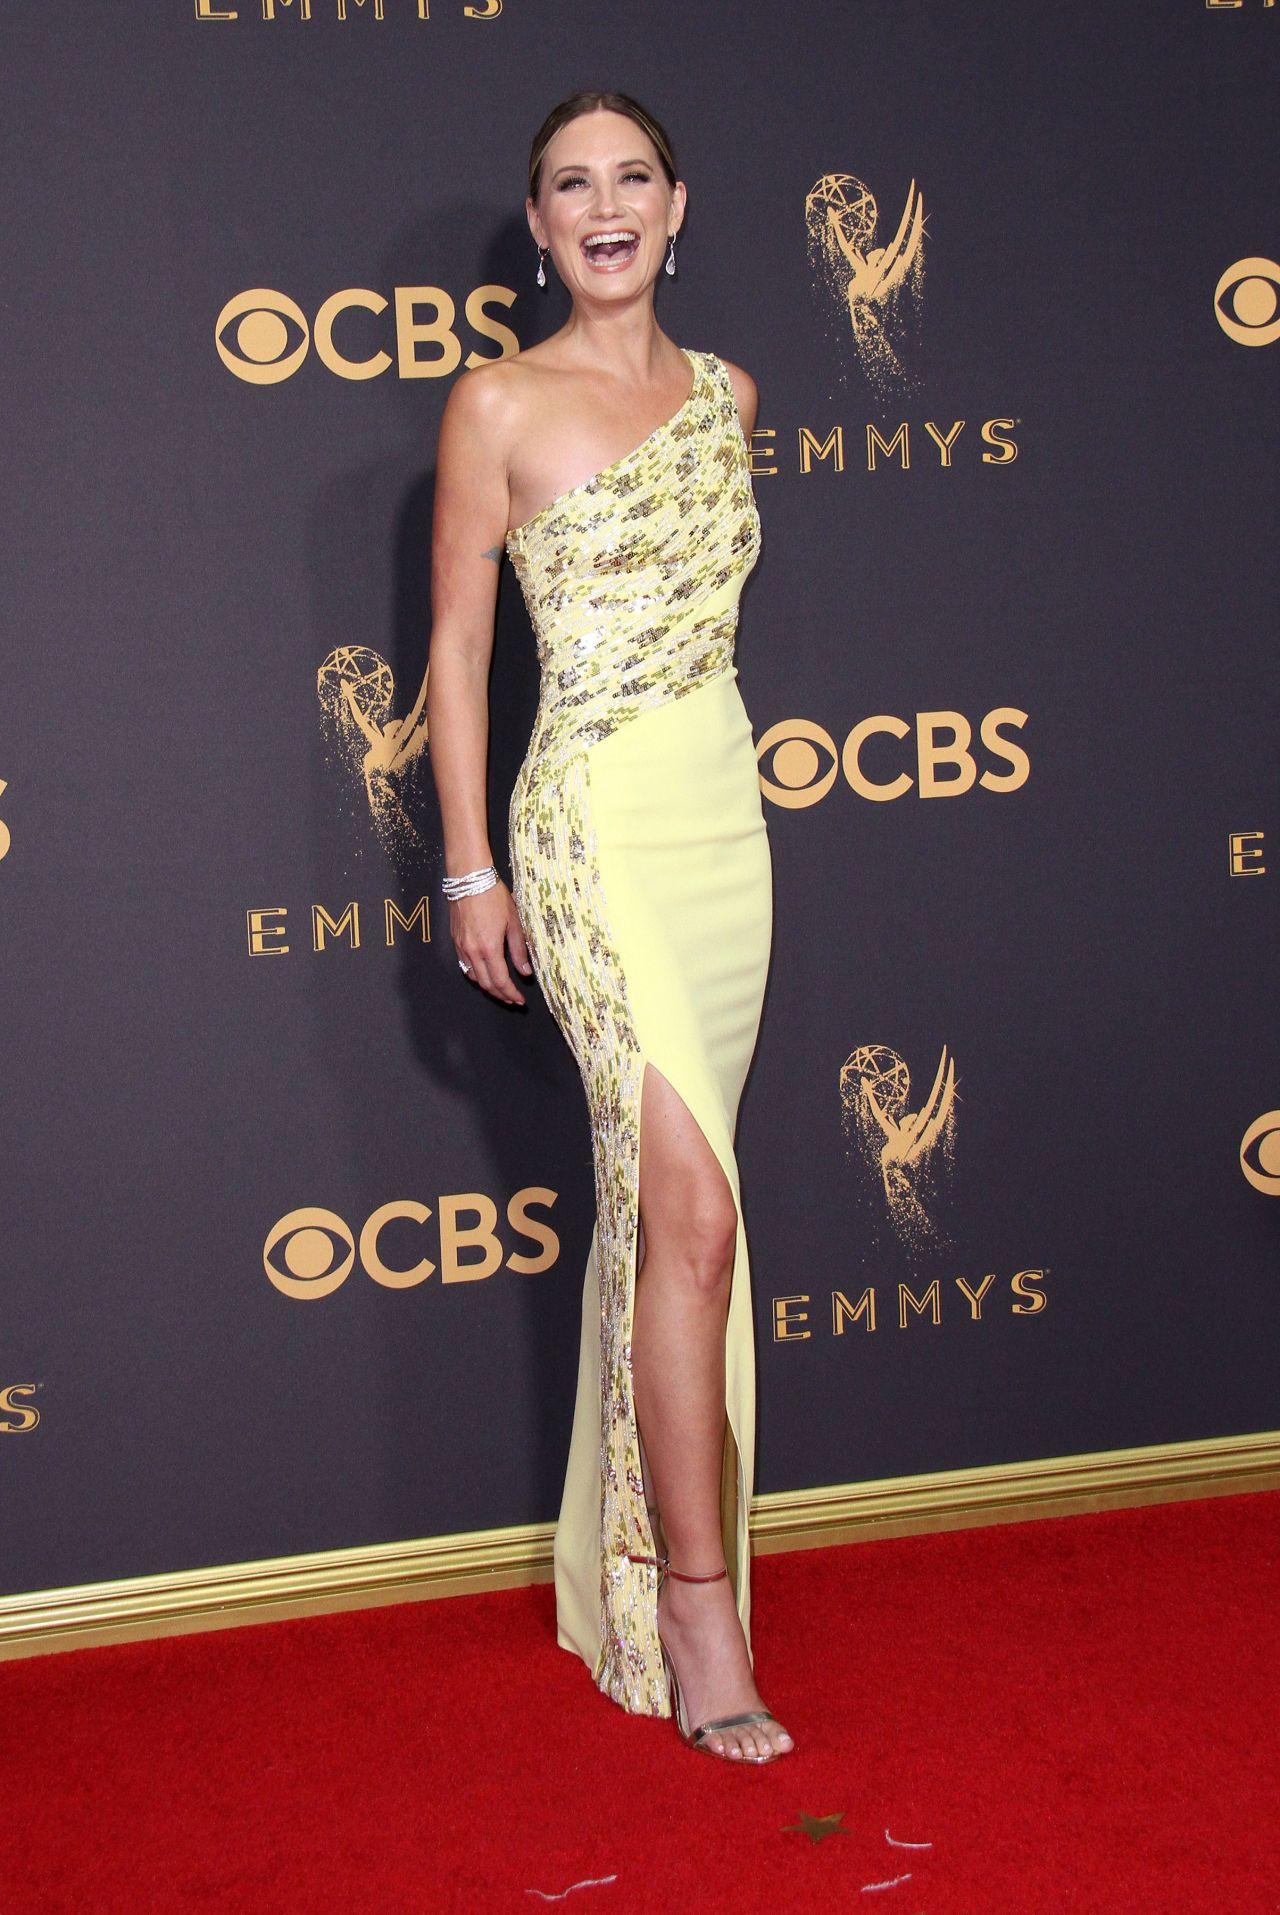 Jennifer Nettles Emmy Awards In Los Angeles 09 17 2017